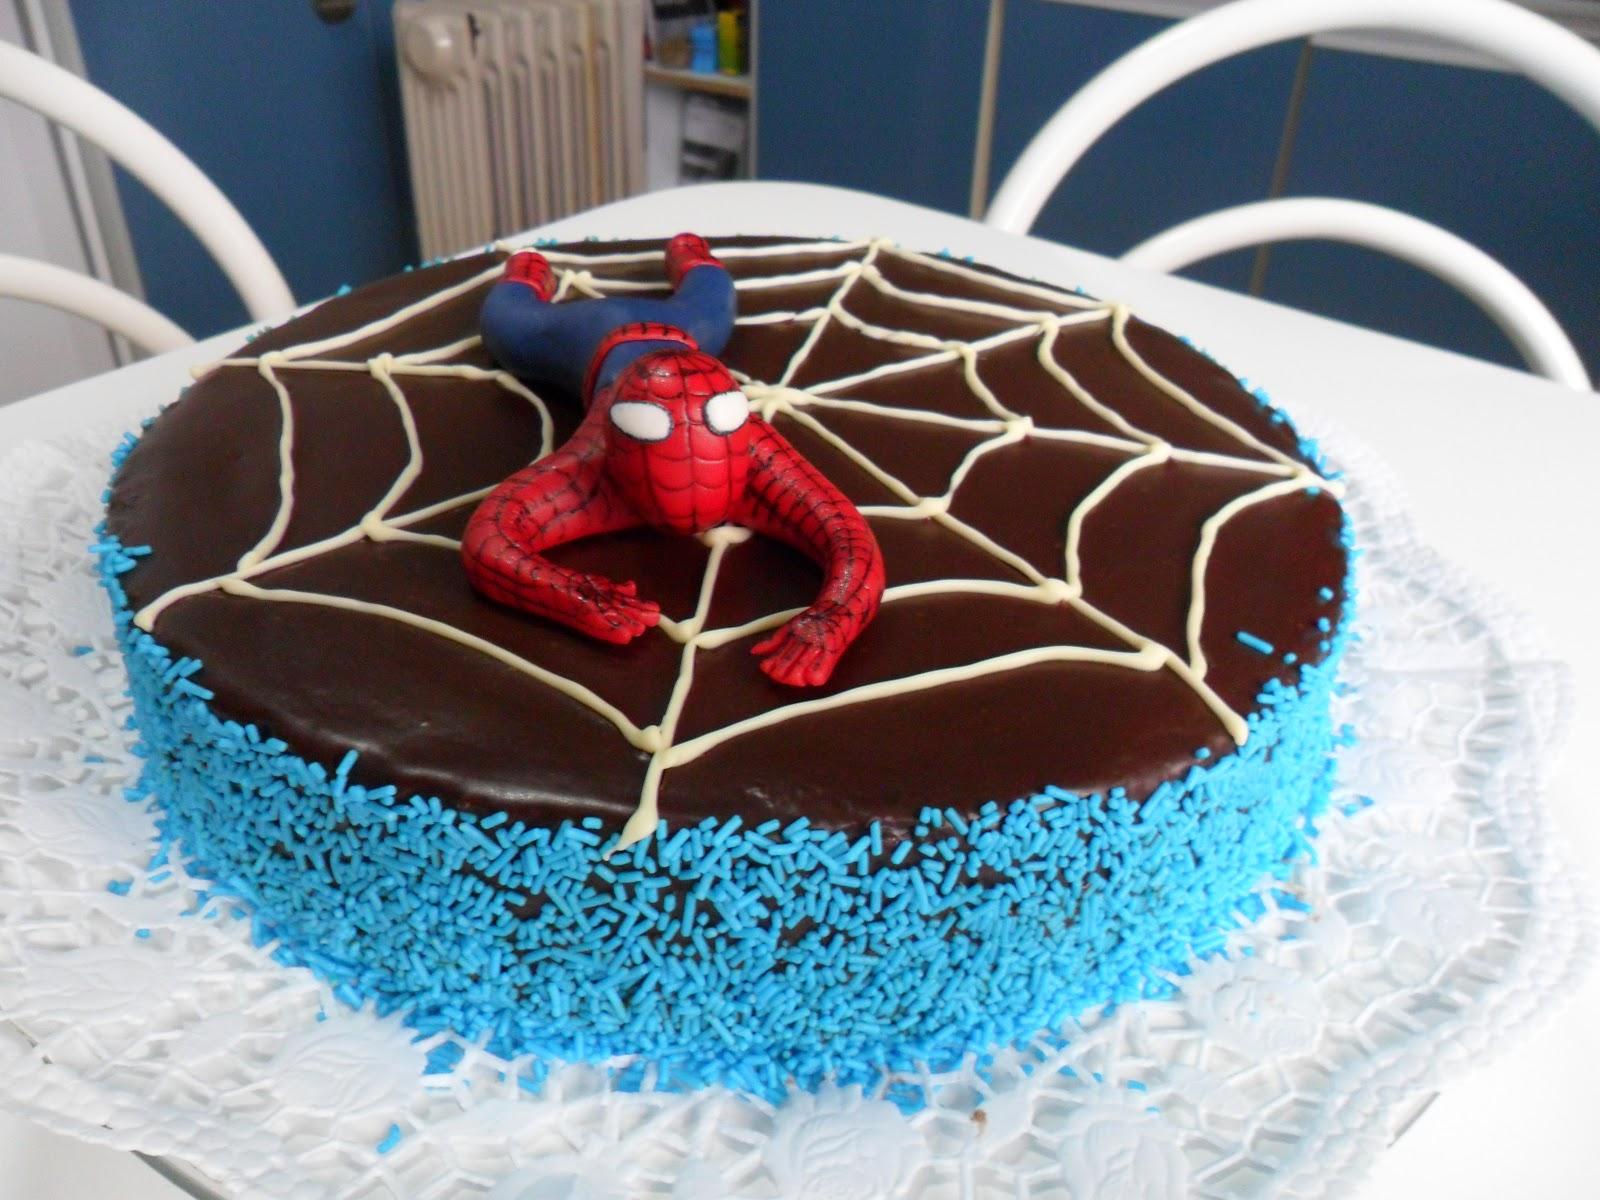 Sabores da jo bolo homem aranha bolo homem aranha altavistaventures Gallery